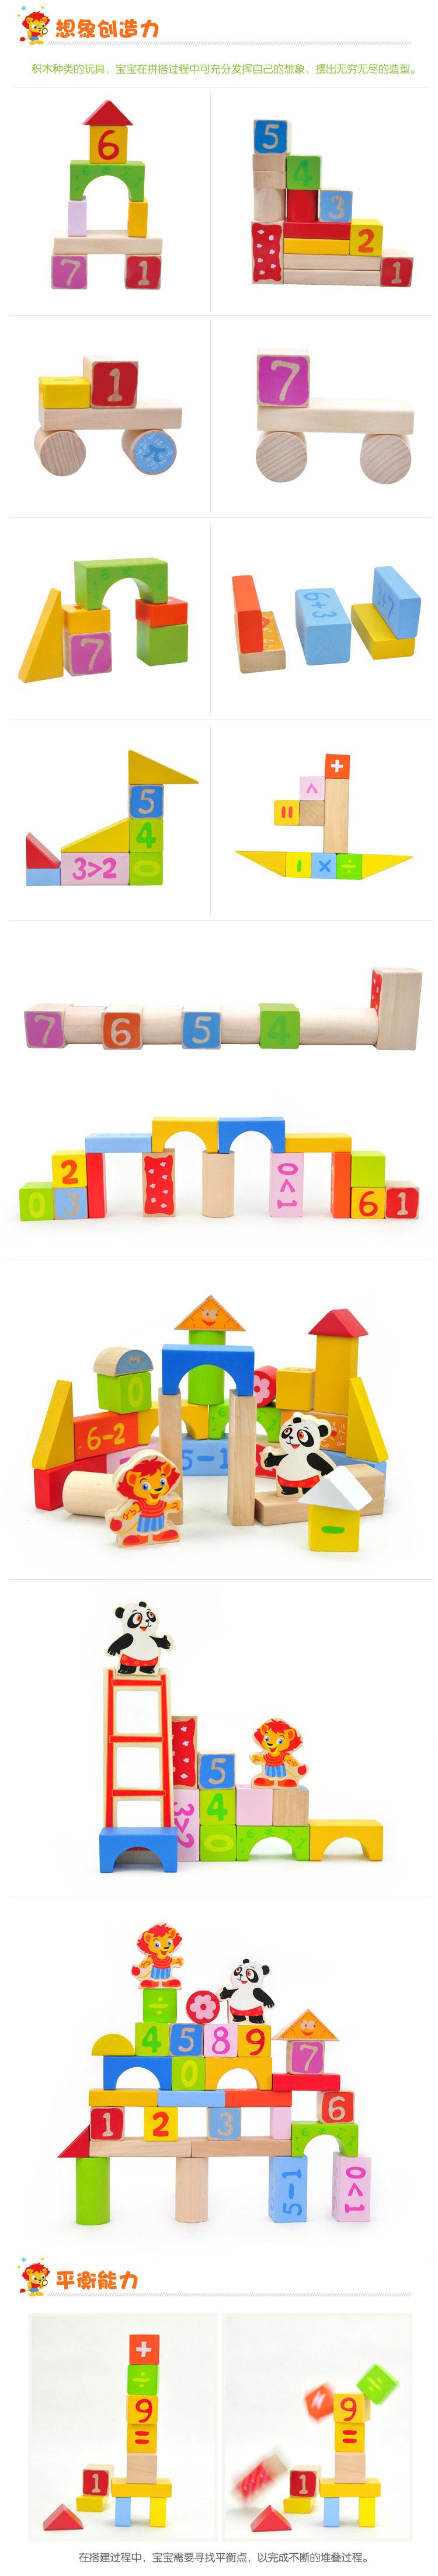 森林小动物数字加减认知积木玩具